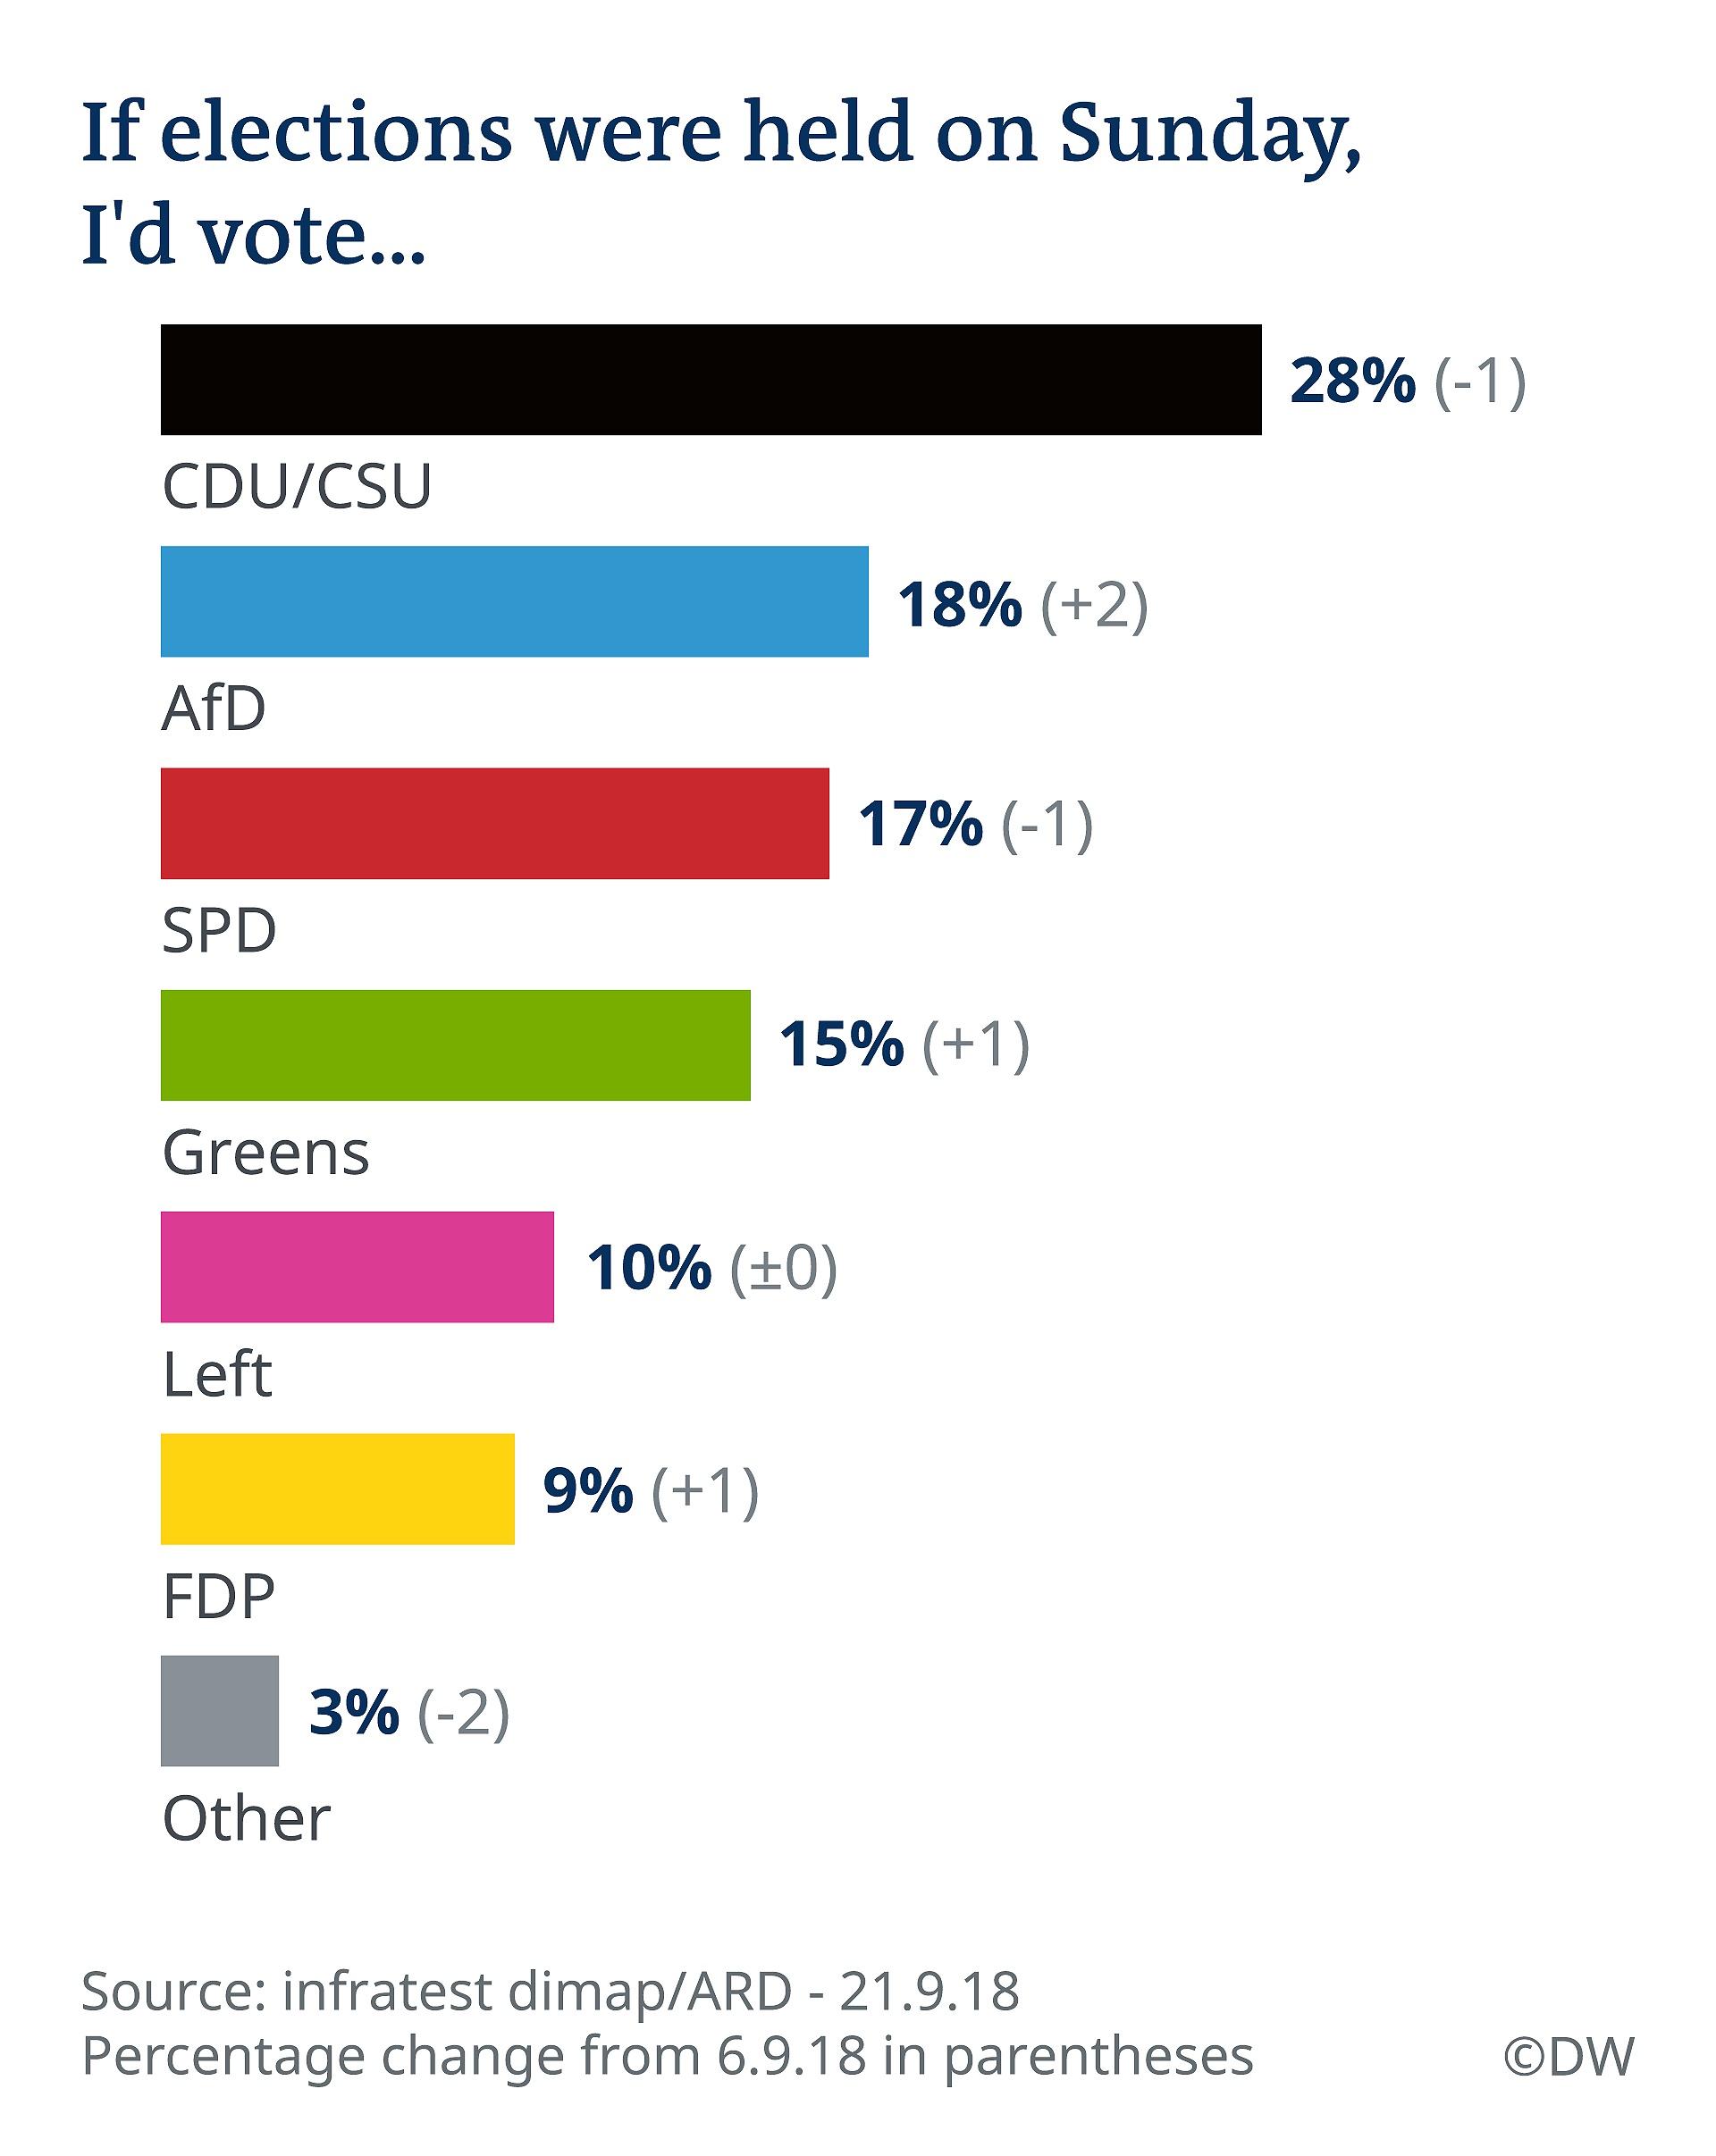 نتایج یک نظرسنجی | پوپولیستهای راستگرا دومین حزب قدرتمند آلمان شدند